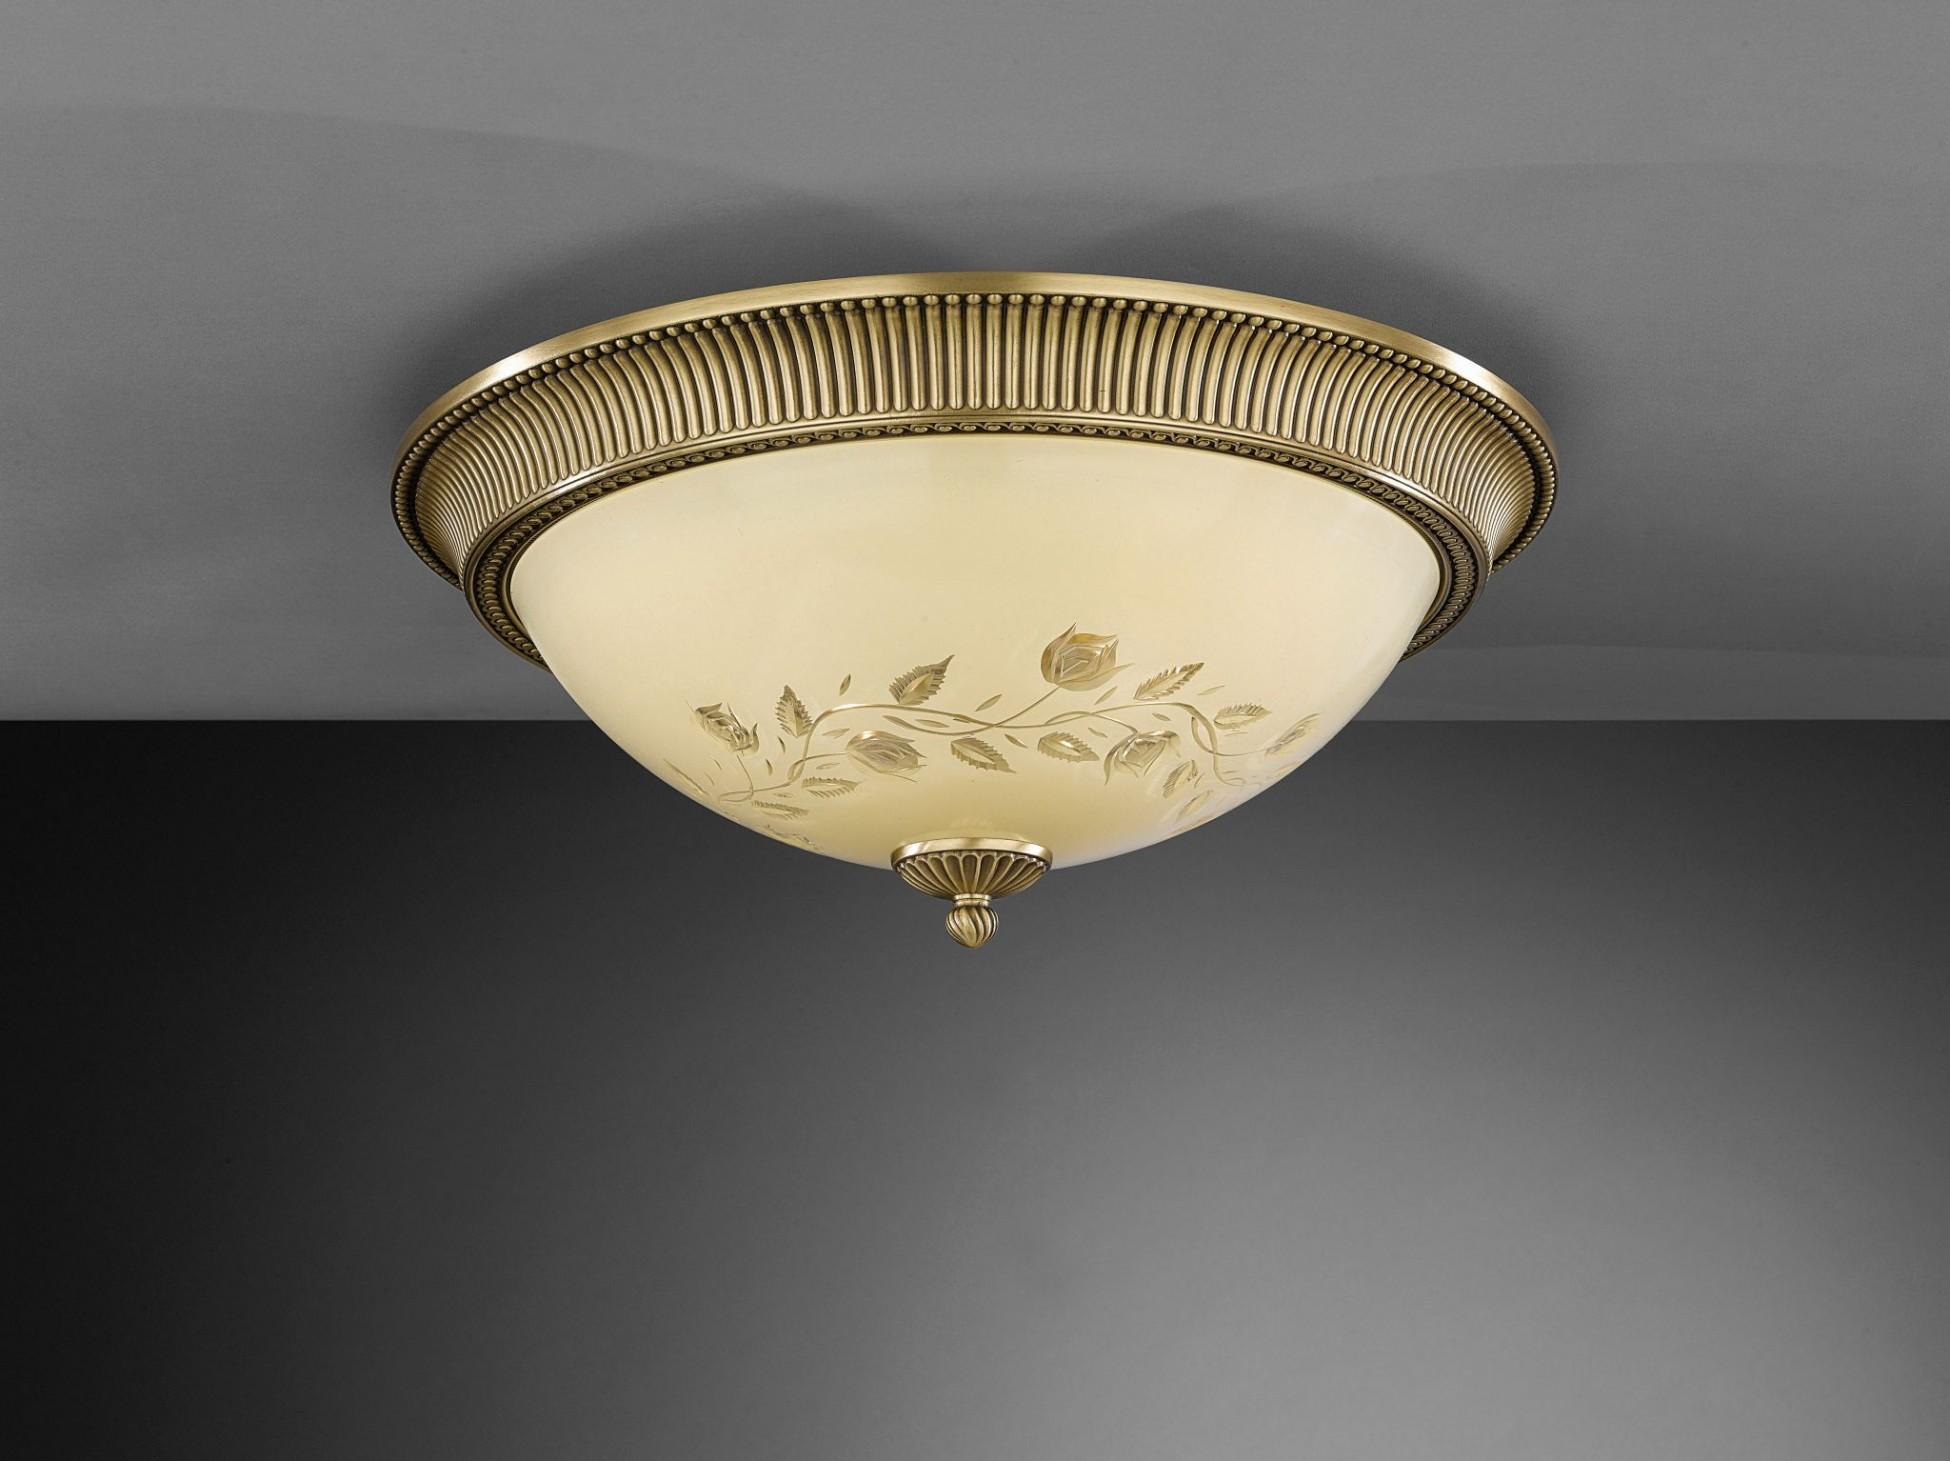 Plafoniere Vetro : Plafoniera in ottone e vetro molato crema 4 luci 50 cm reccagni store